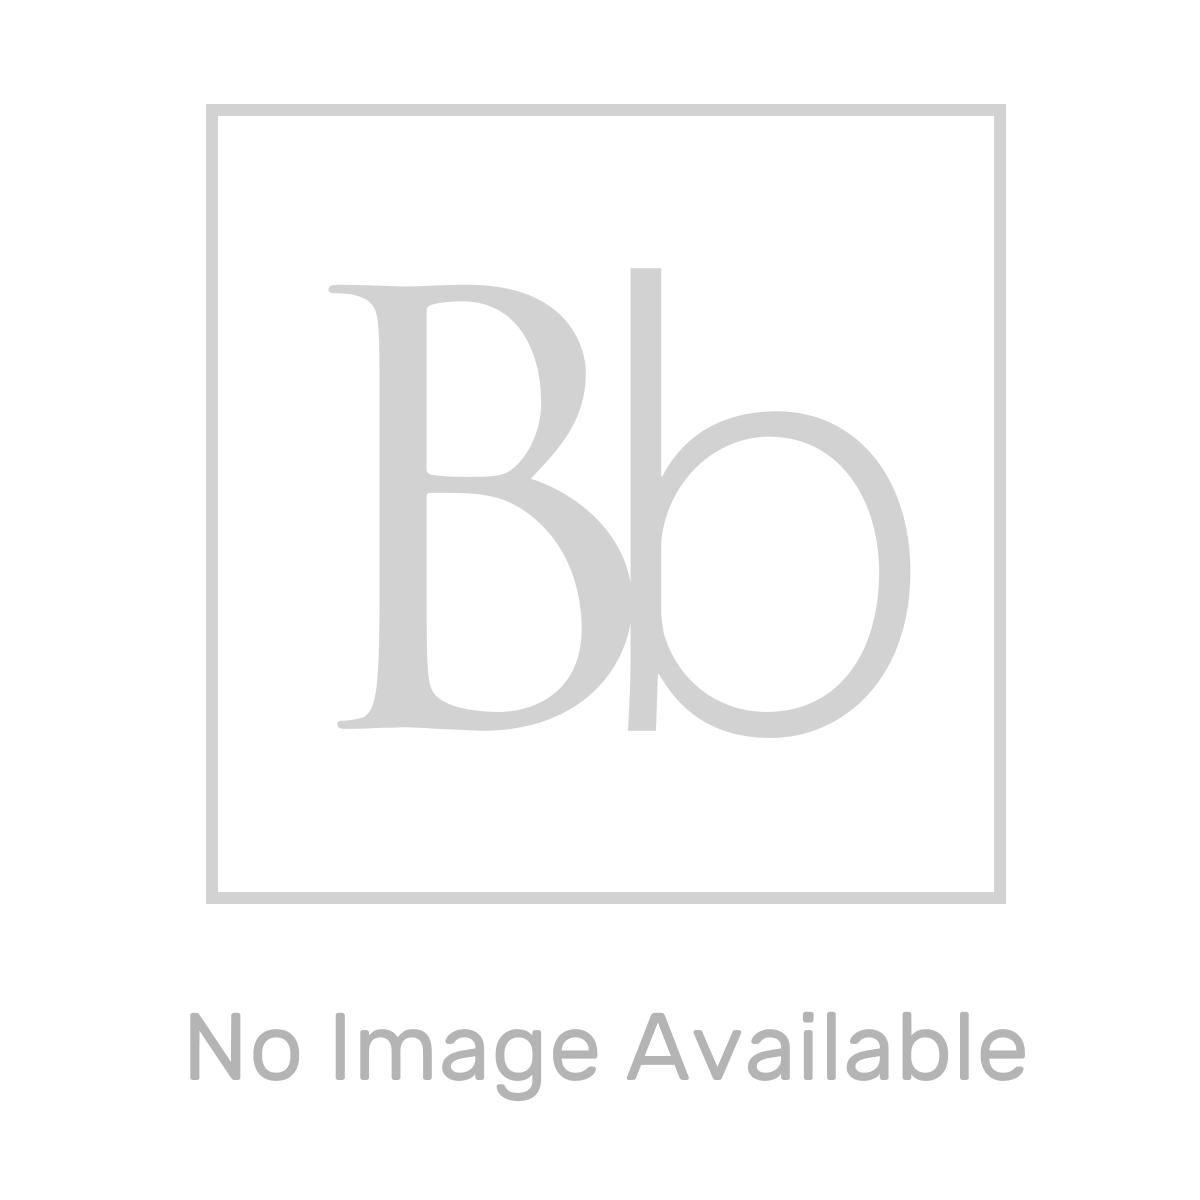 Premier Parade Gloss White Floor Standing Vanity Unit 800mm